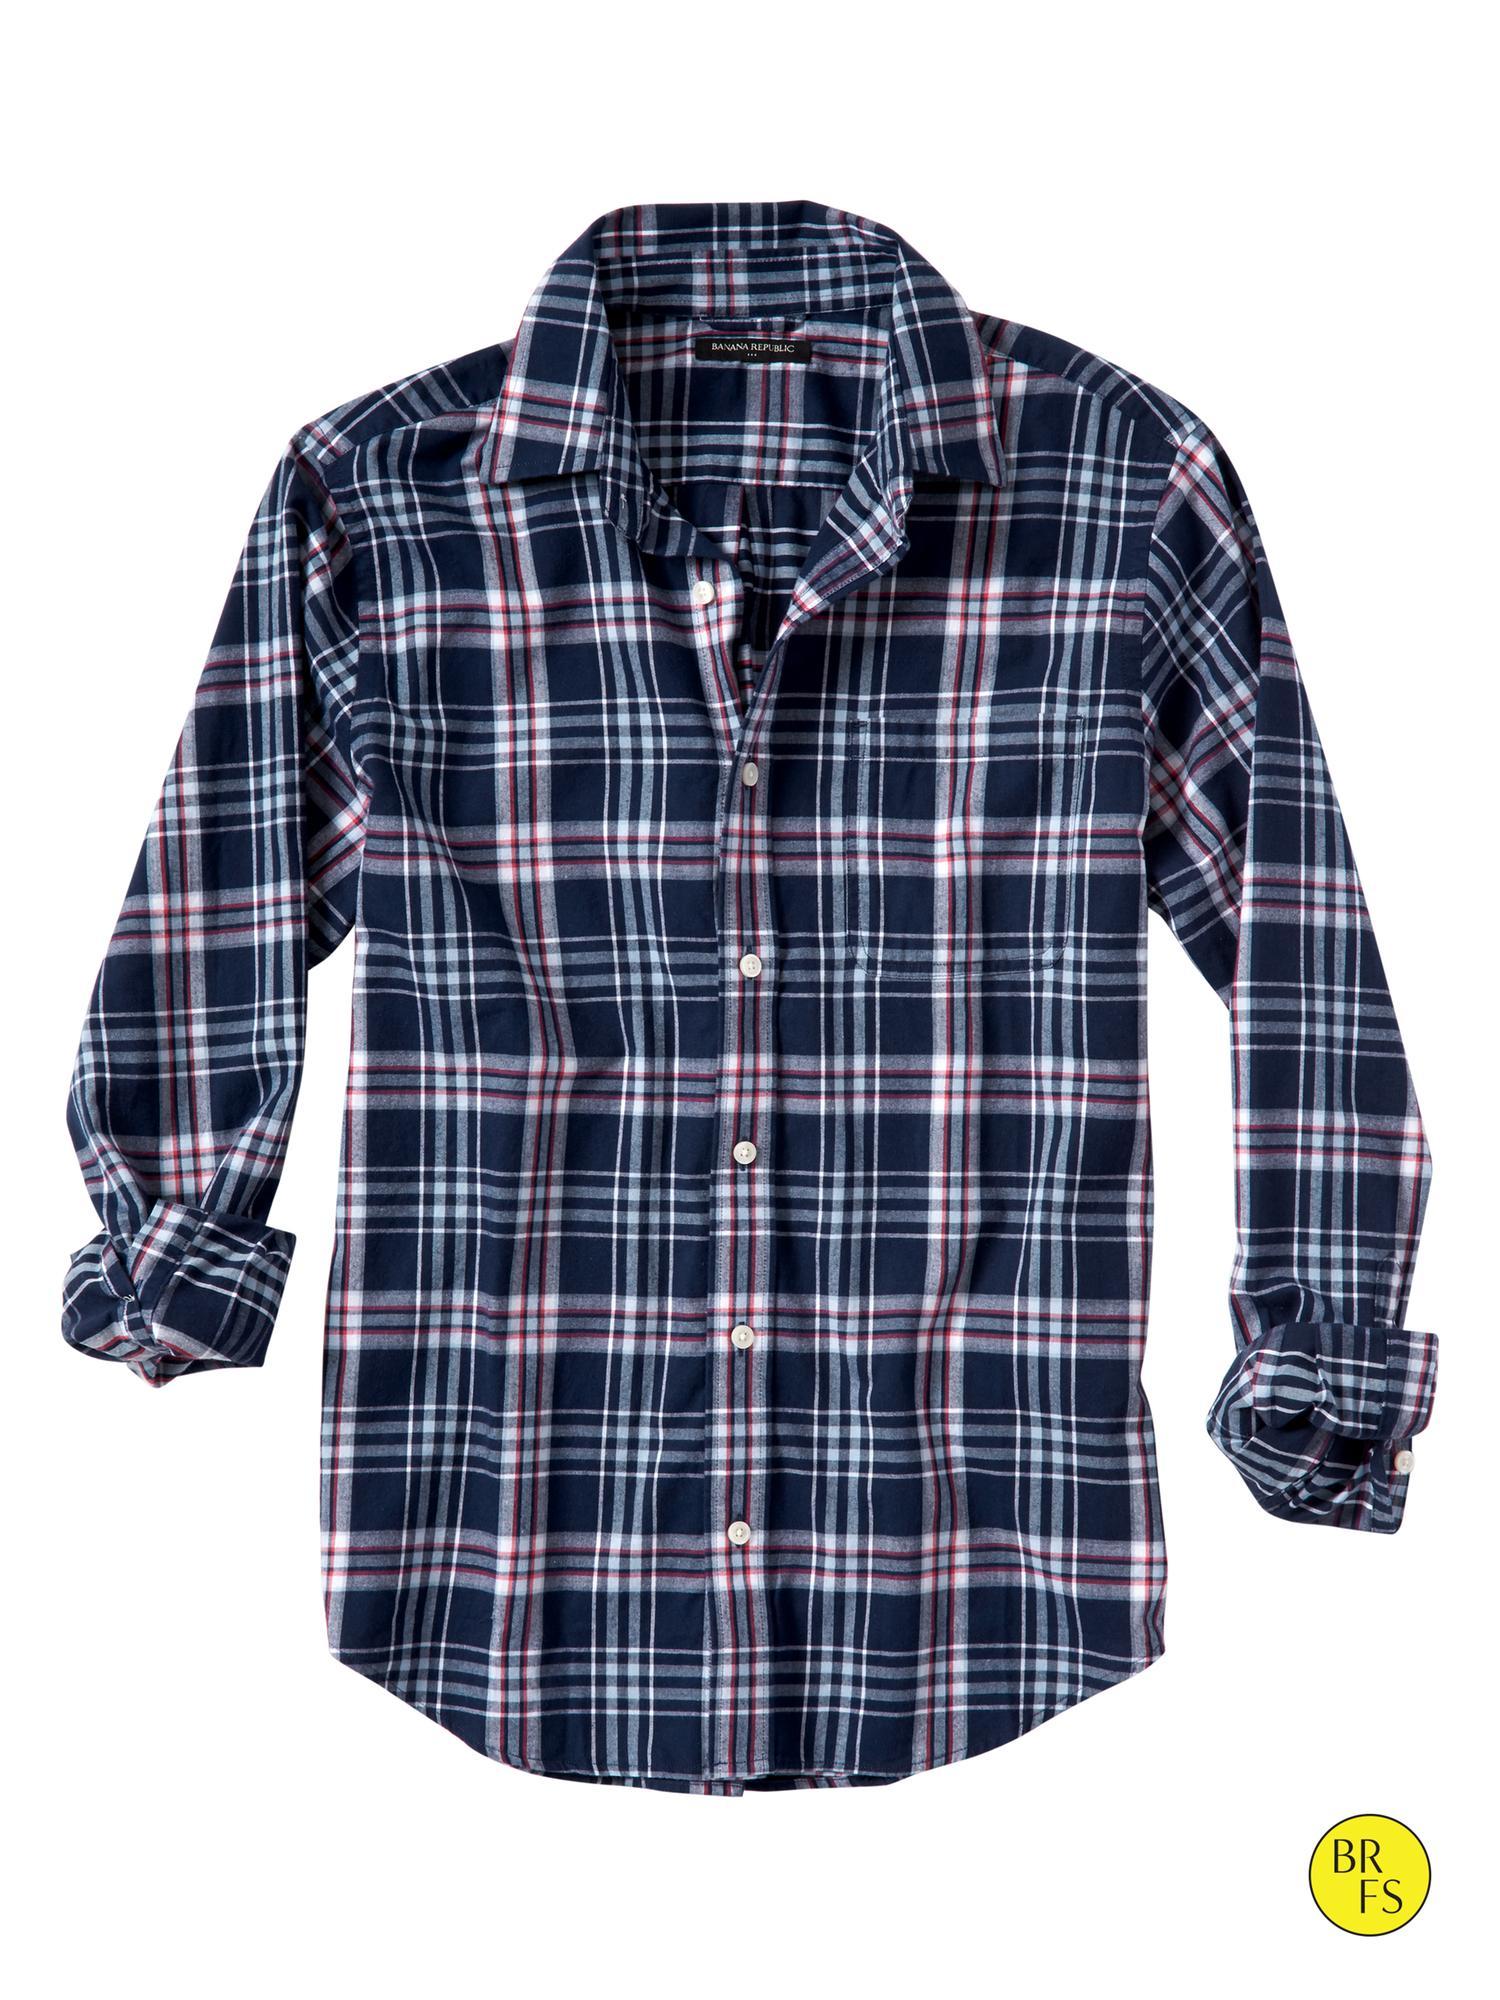 Banana Republic Factory Carson Plaid Flannel Shirt In Blue